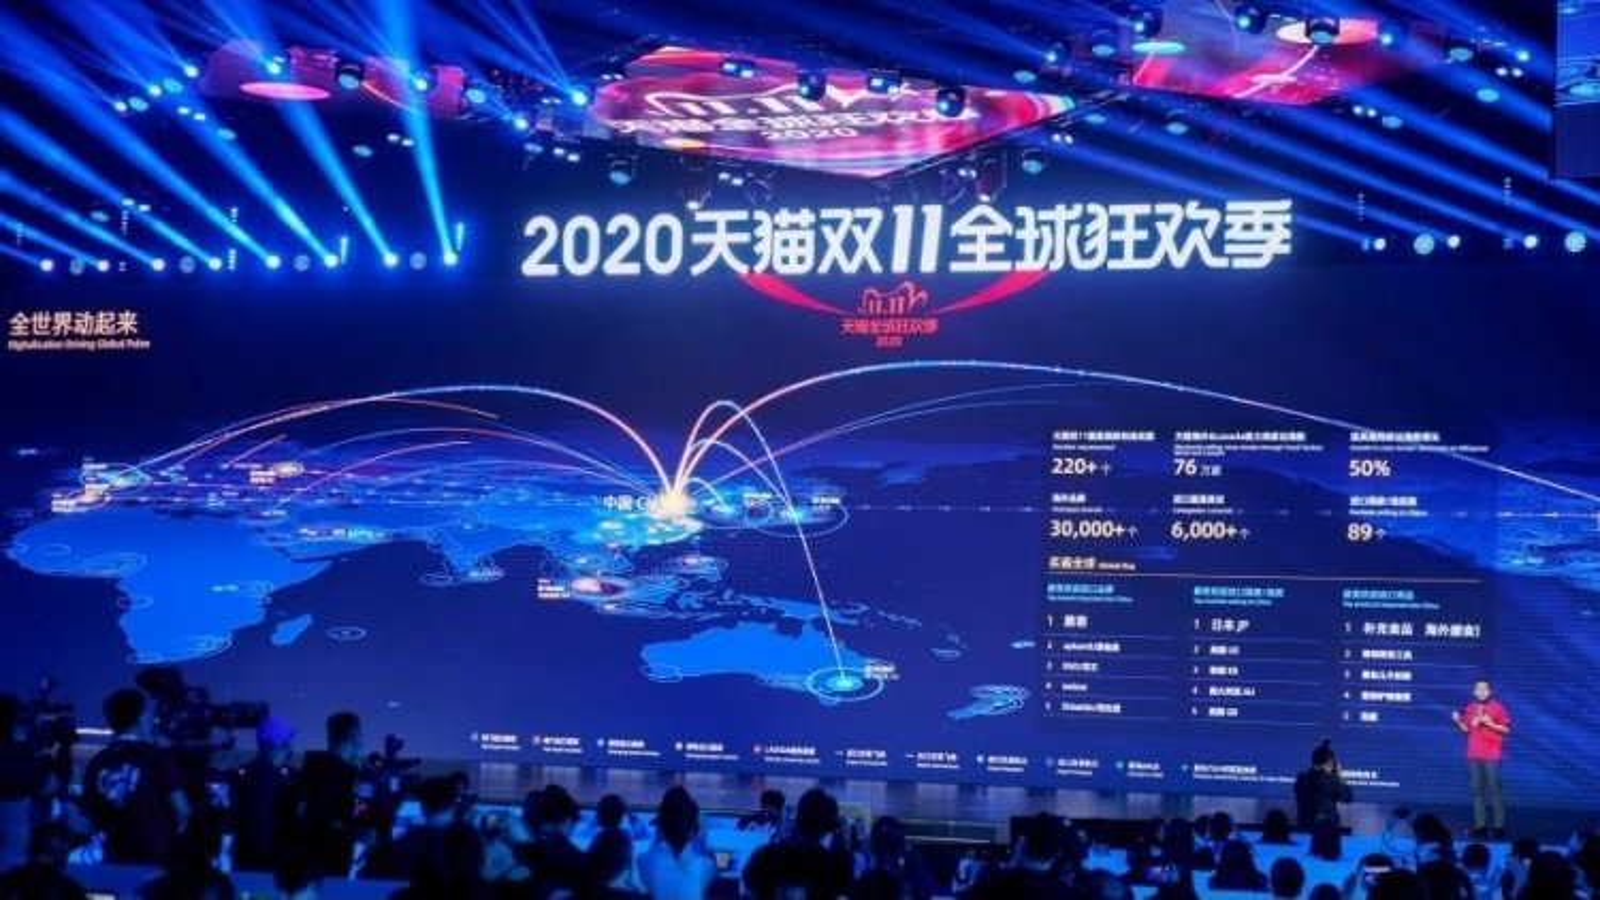 Thương mại điện tử giữa Australia và Trung Quốc tăng trưởng tích cực